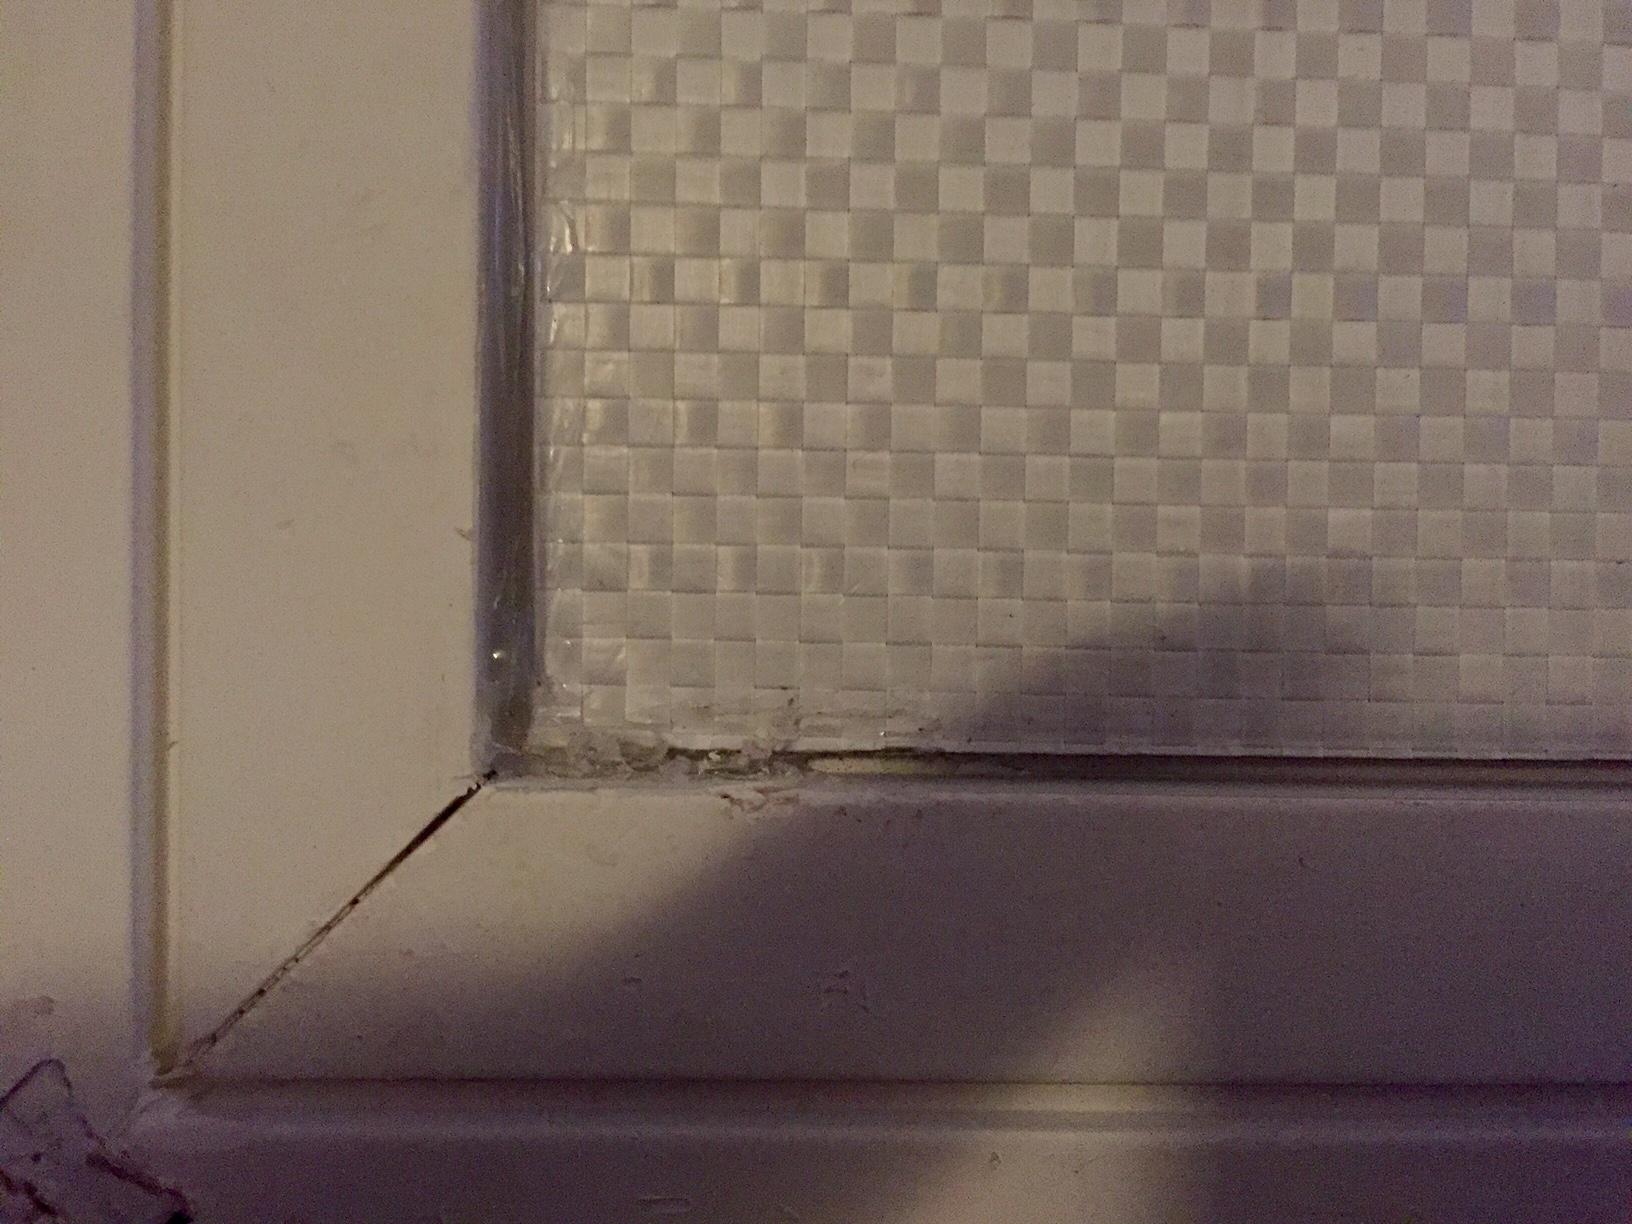 Spiegel aus Rahmen lösen - Probleme mit Heißkleber